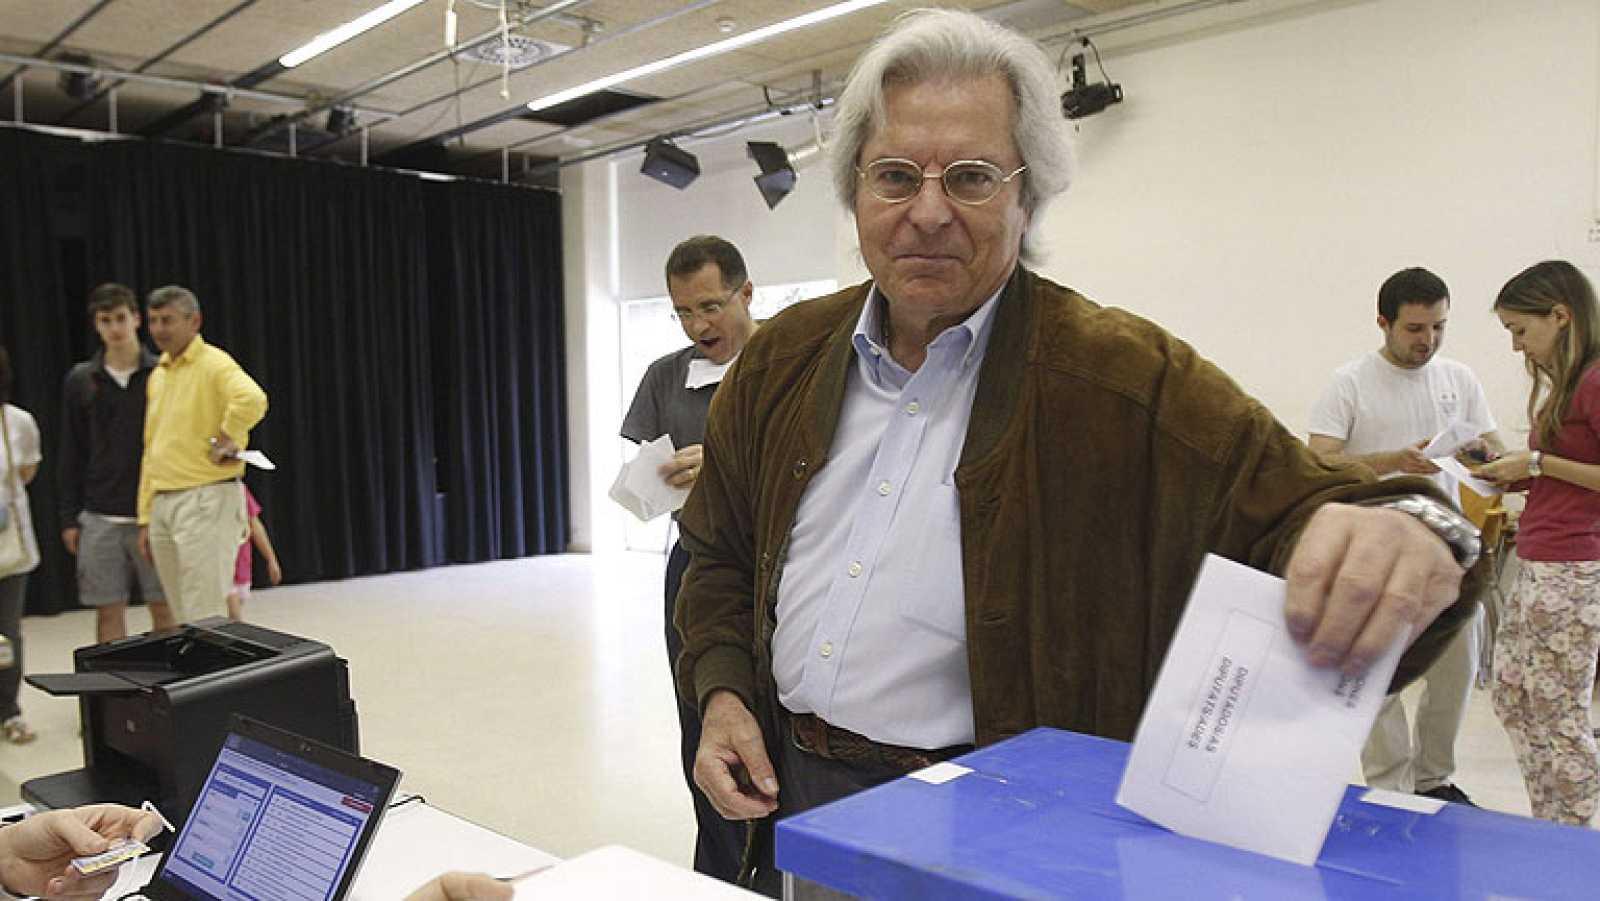 Ciudadanos se hace con dos escaños en el Parlamento Europeo